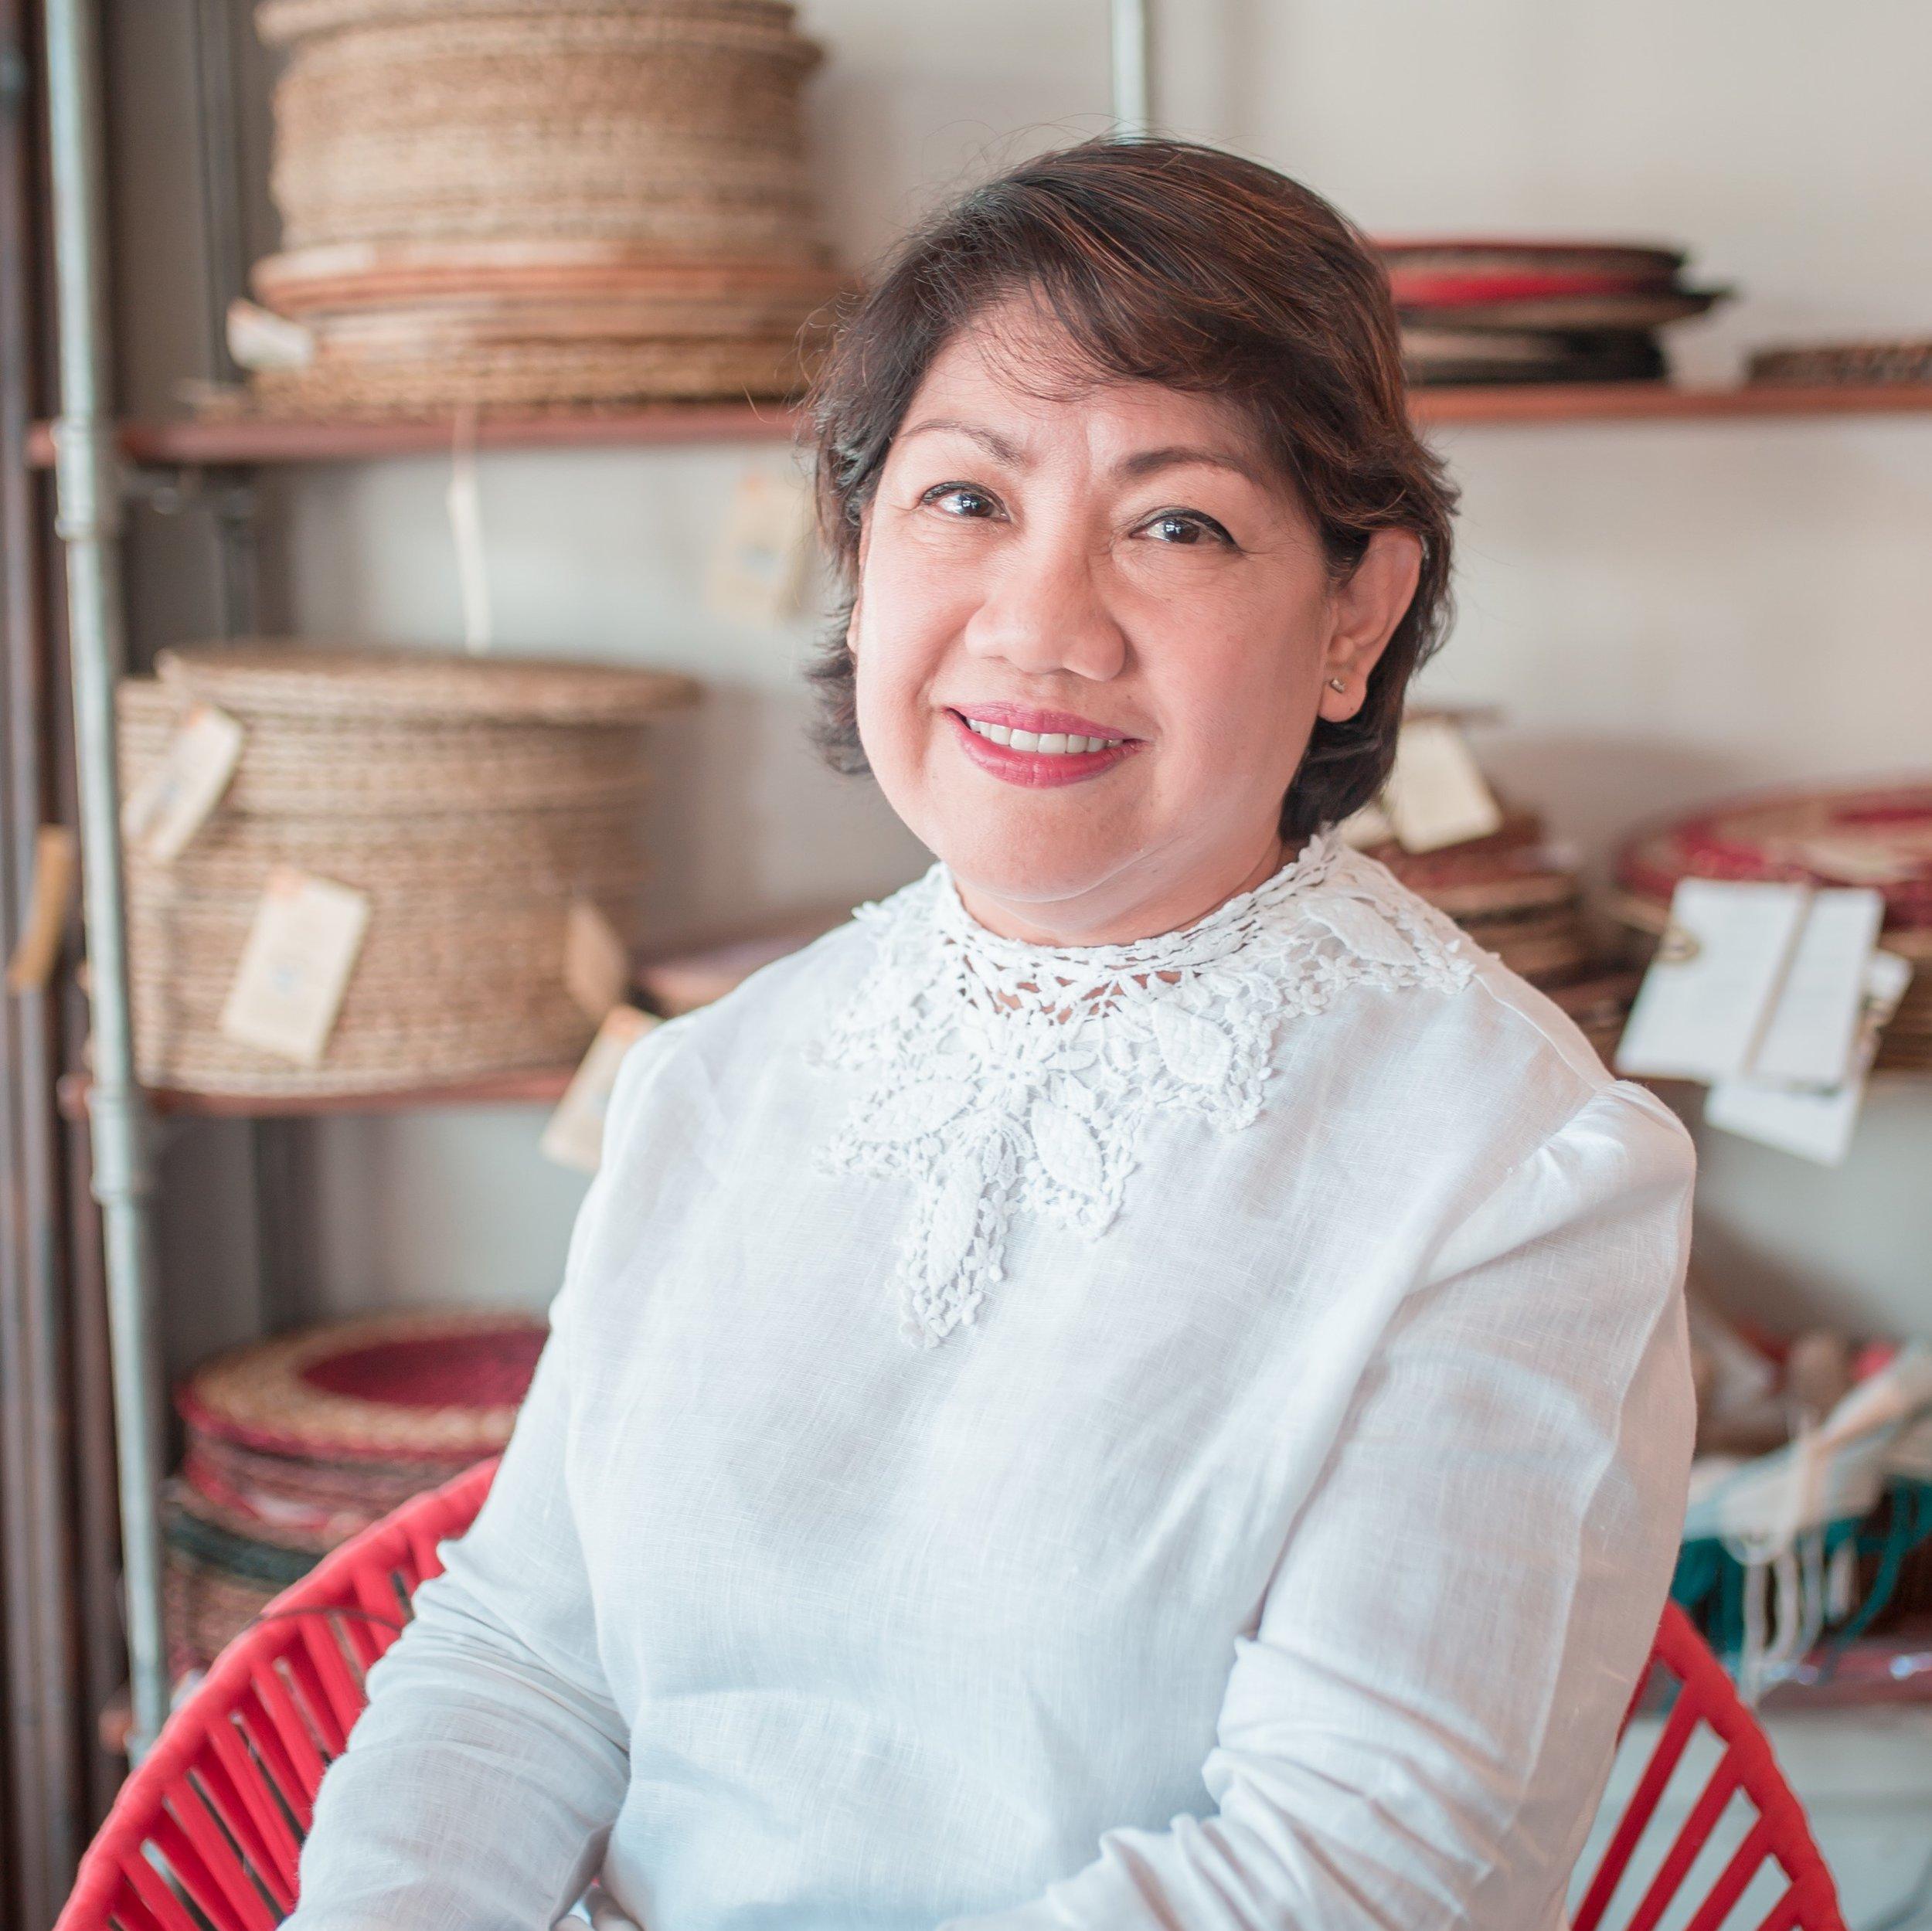 LORENZA BOQUIREN - Chairperson